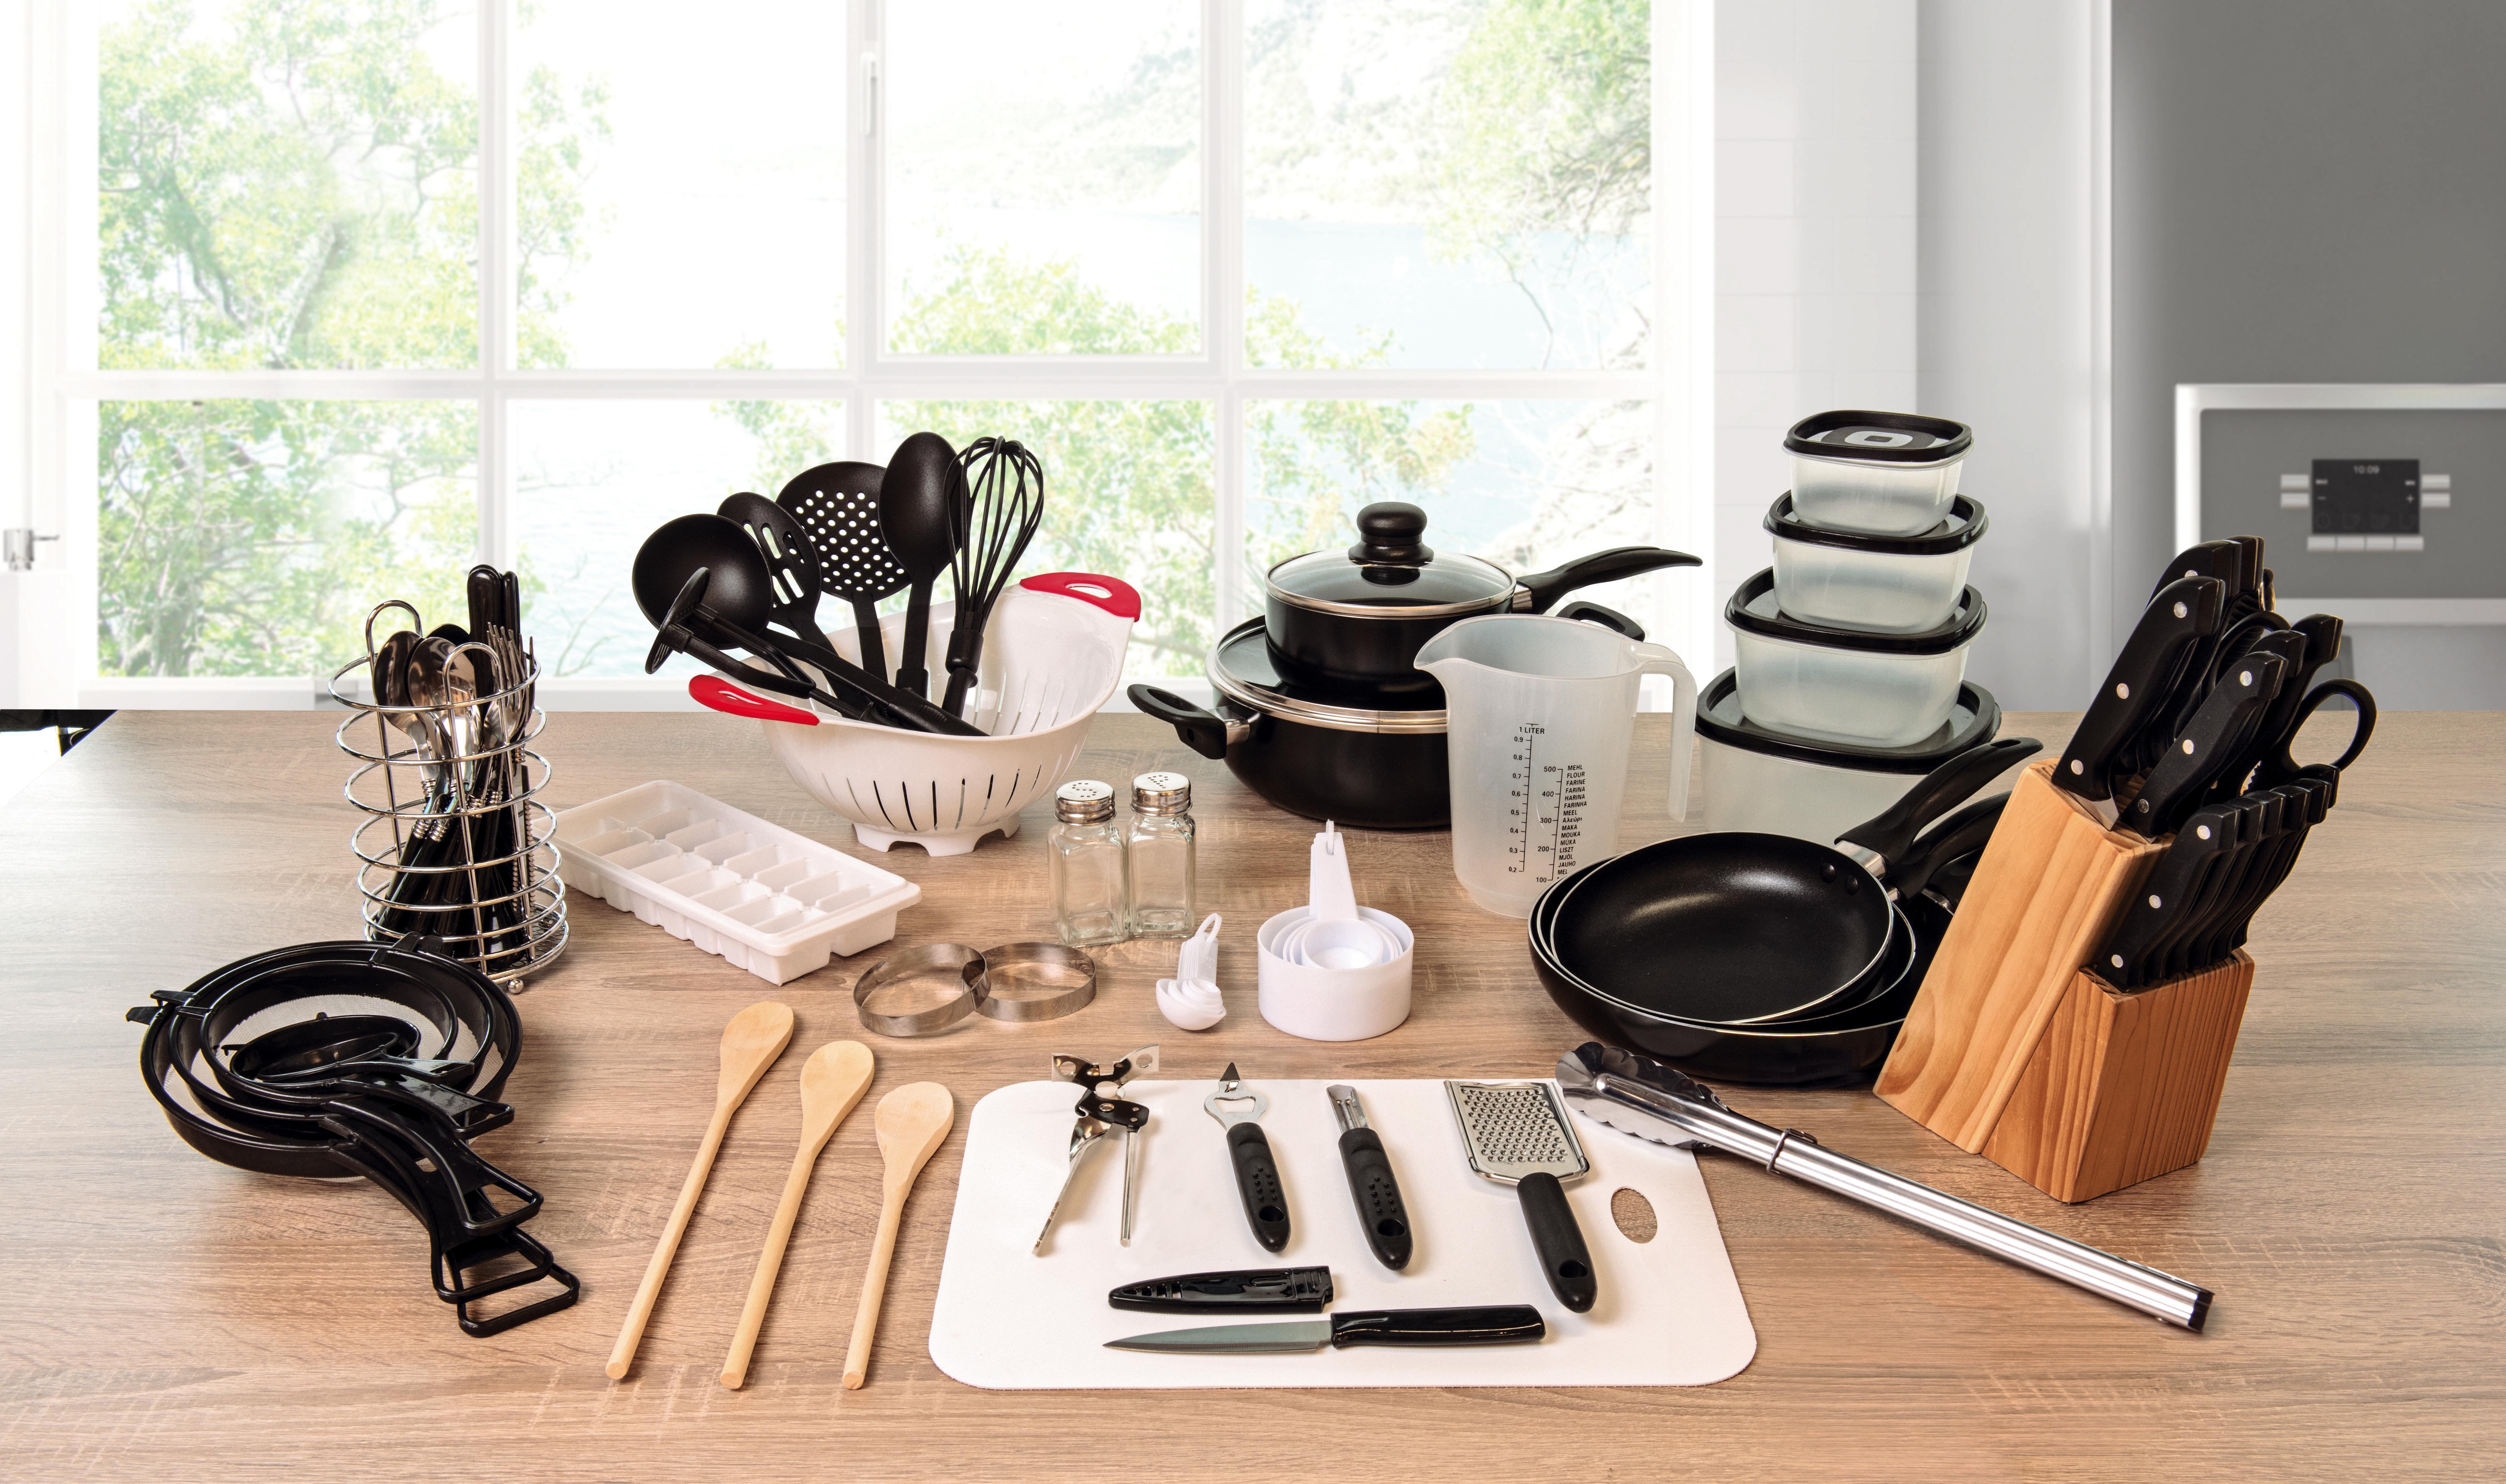 Komplettes Küchen-Starterset mit 17 Teilen